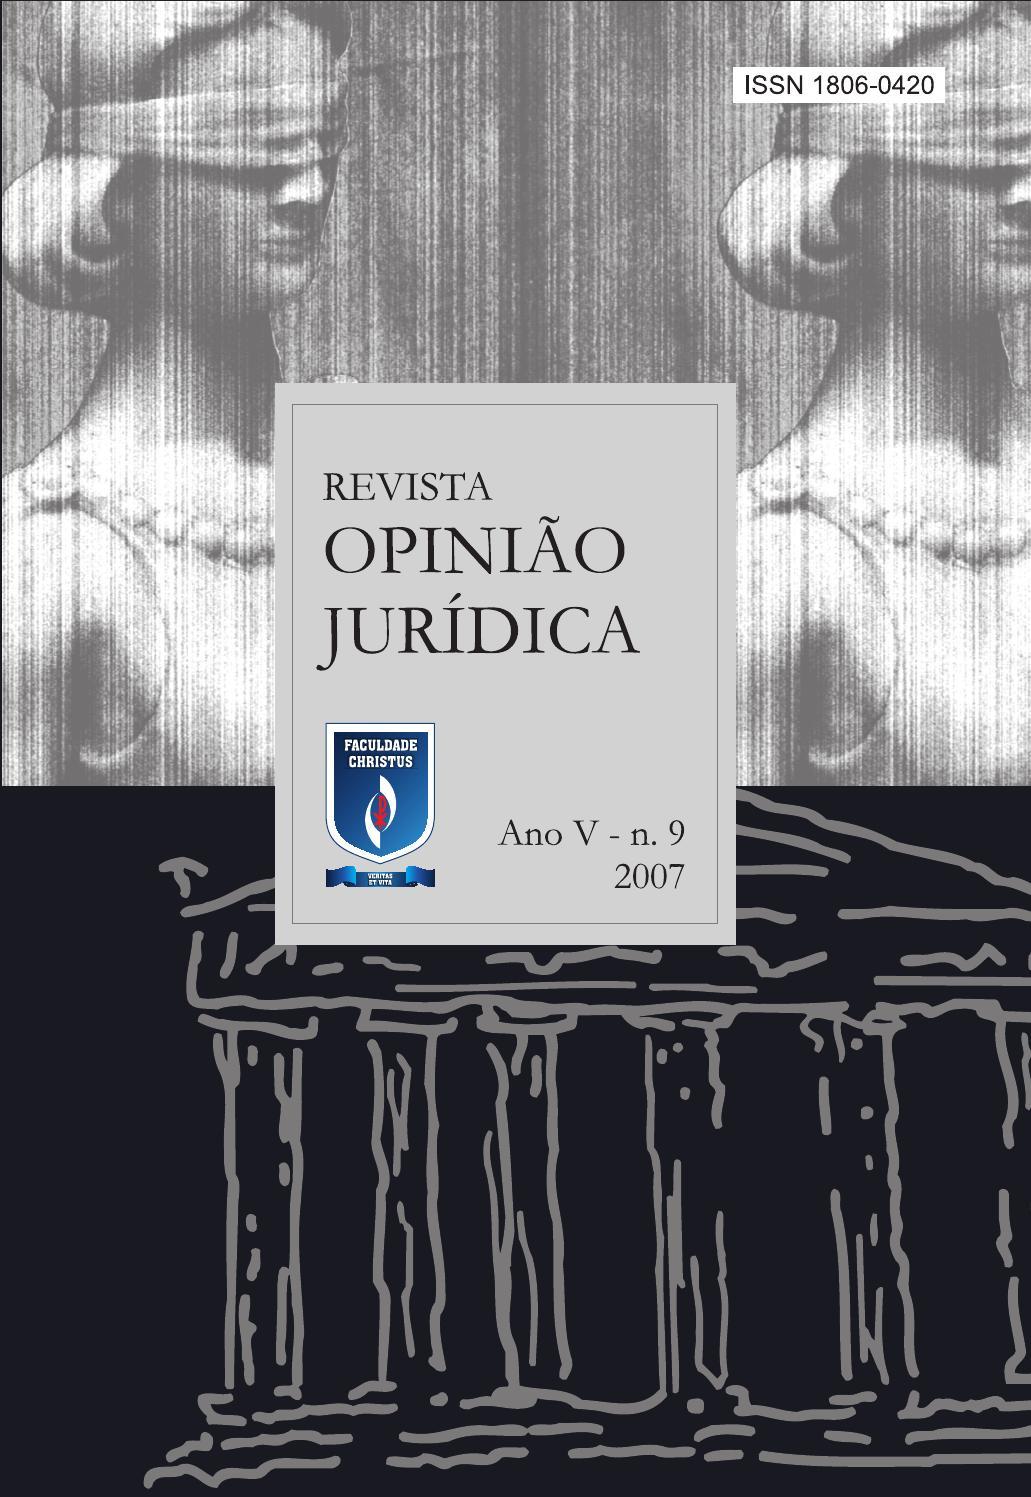 Revista opinio jurdica 09 by unichristus issuu fandeluxe Gallery